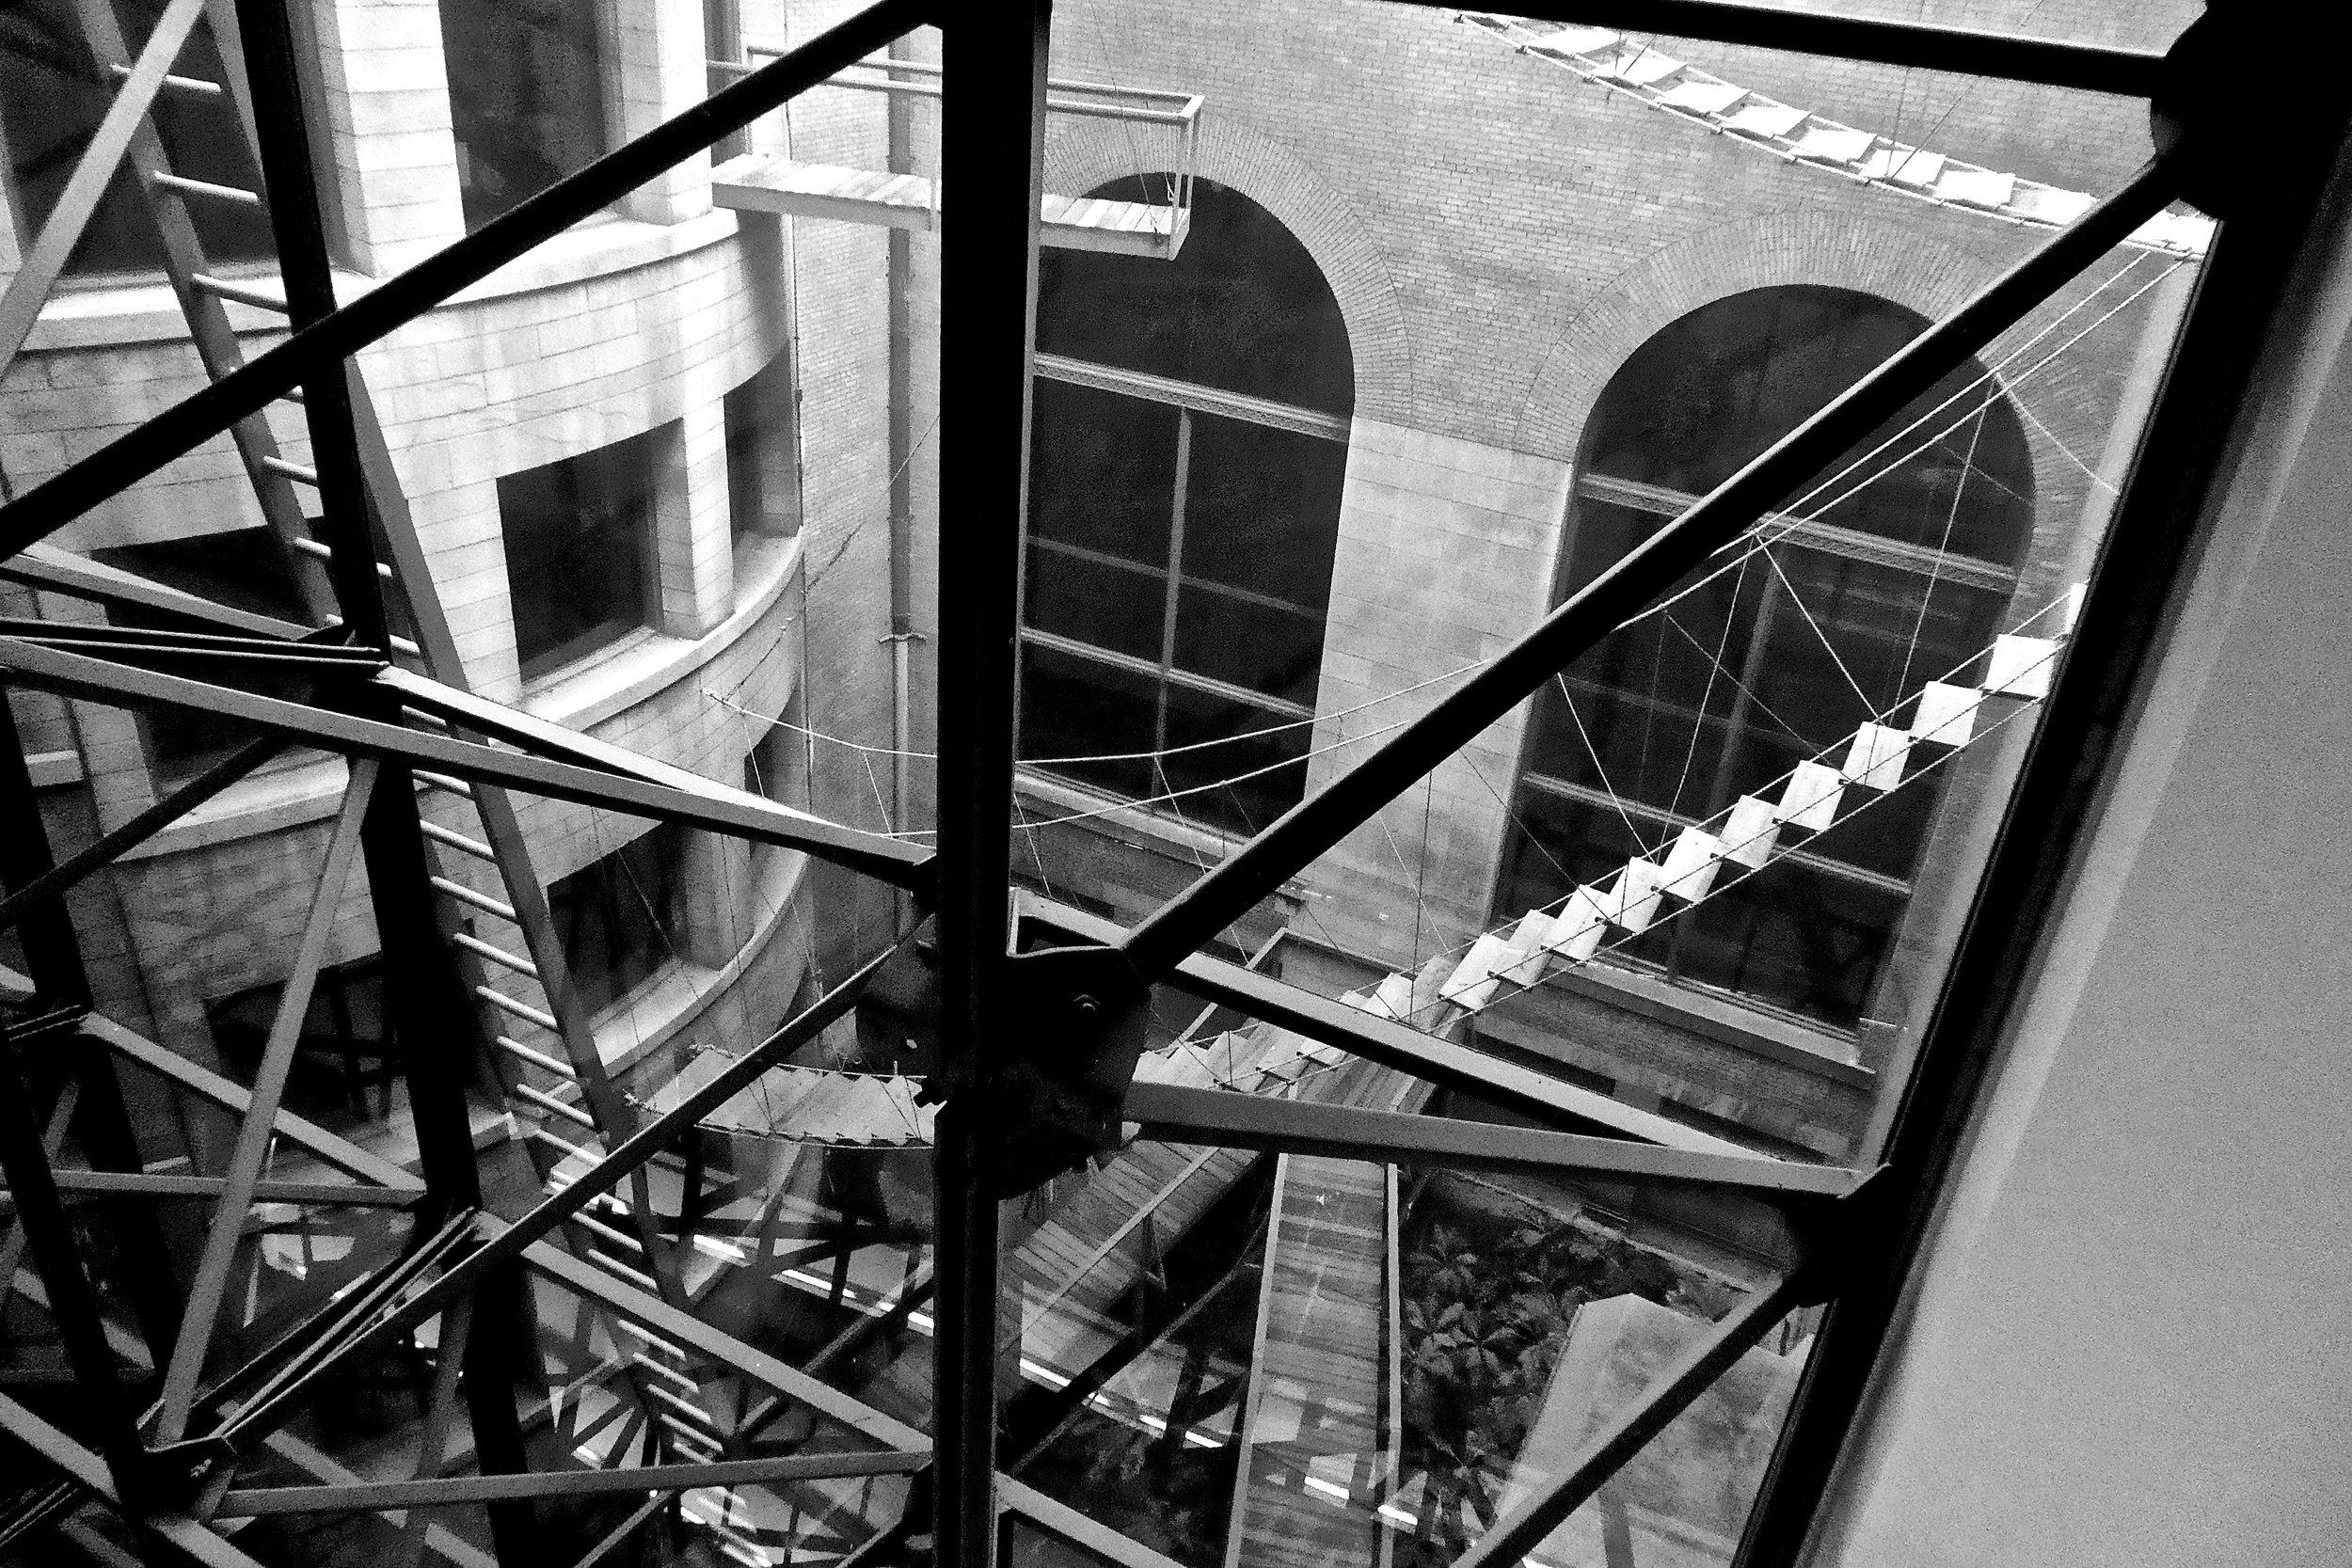 David_Vogel_CHICAGO ARCHITECTURE EXHIBITION.jpg